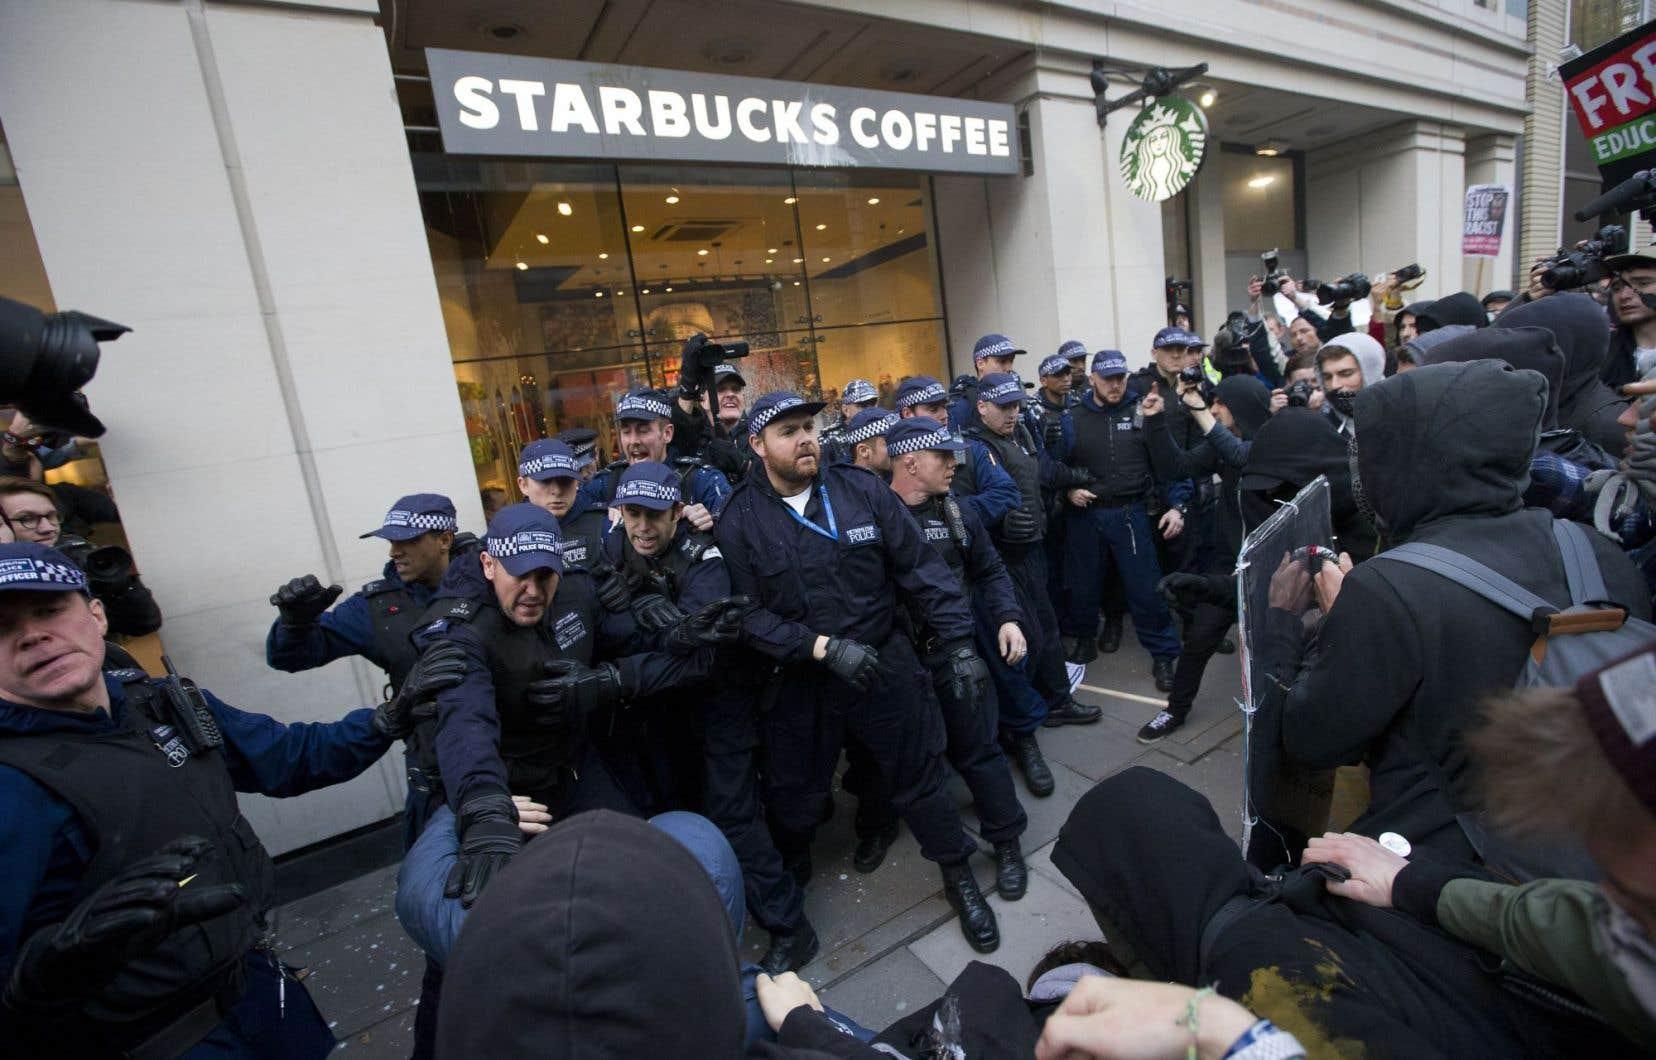 Des membres du service de police de Londres protégeaient l'entrée d'un café Starbucks lors d'une manifestation contre l'austérité, dans la capitale britannique, en novembre 2014. La mégachaîne américaine a souvent été la cible de mouvements de protestation à cause de ses pratiques d'évitement fiscal dans divers pays.